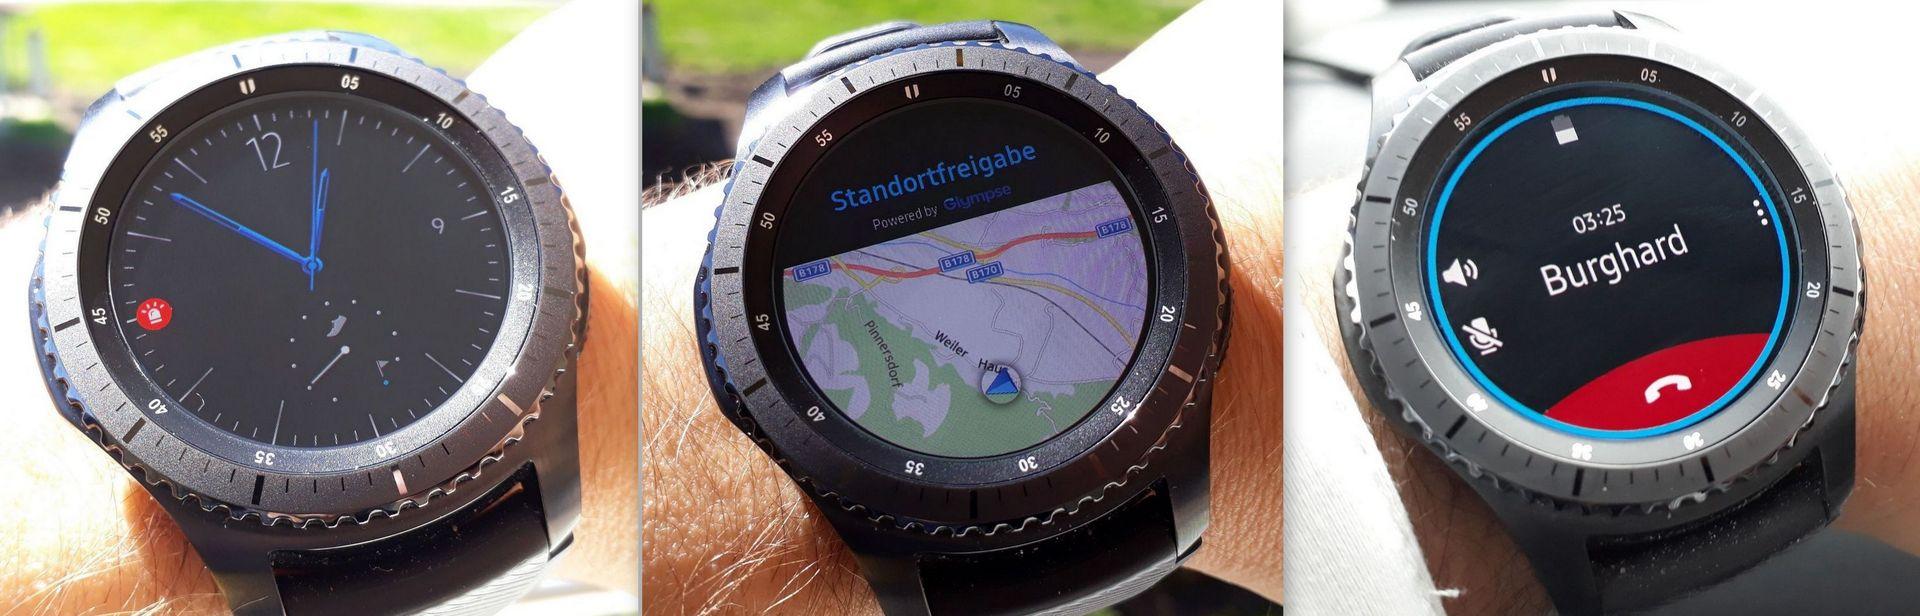 Notfall GPS Maps Call aktiv - Samsung Gear S3 - SmartTechNews